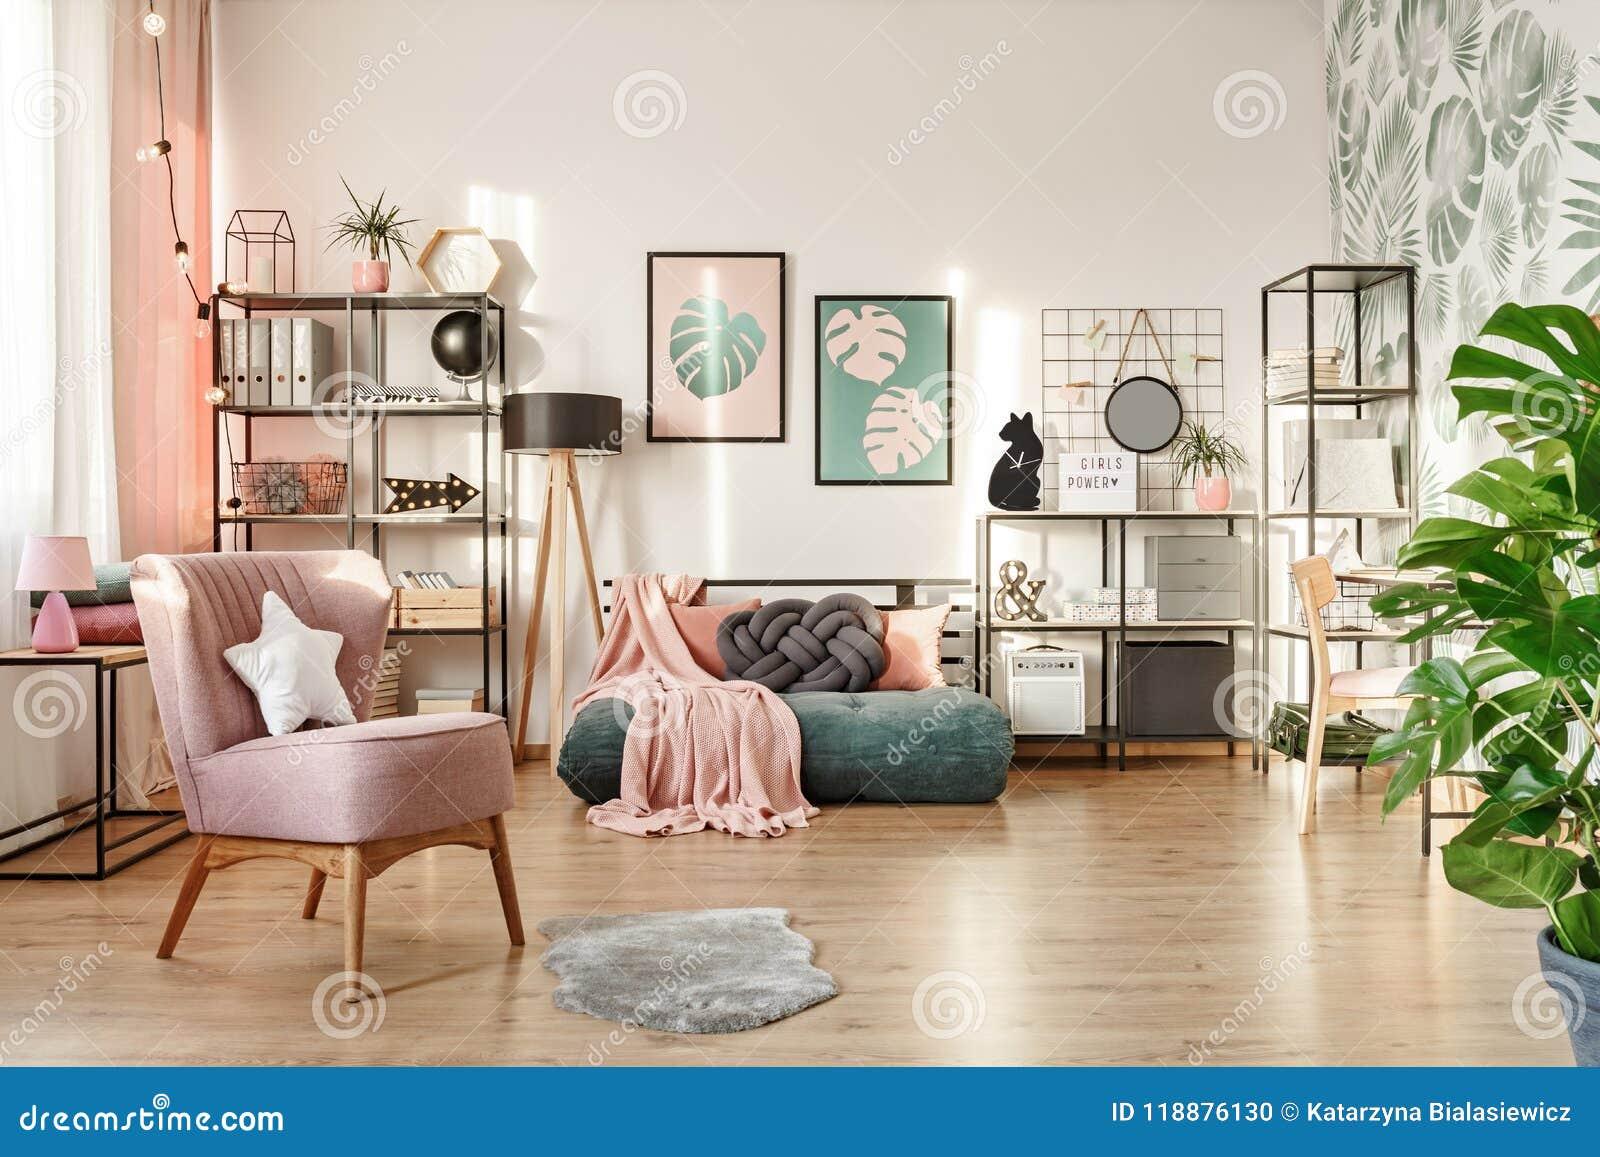 Roze Slaapkamer Stoel : Roze leunstoel in comfortabele slaapkamer stock foto afbeelding